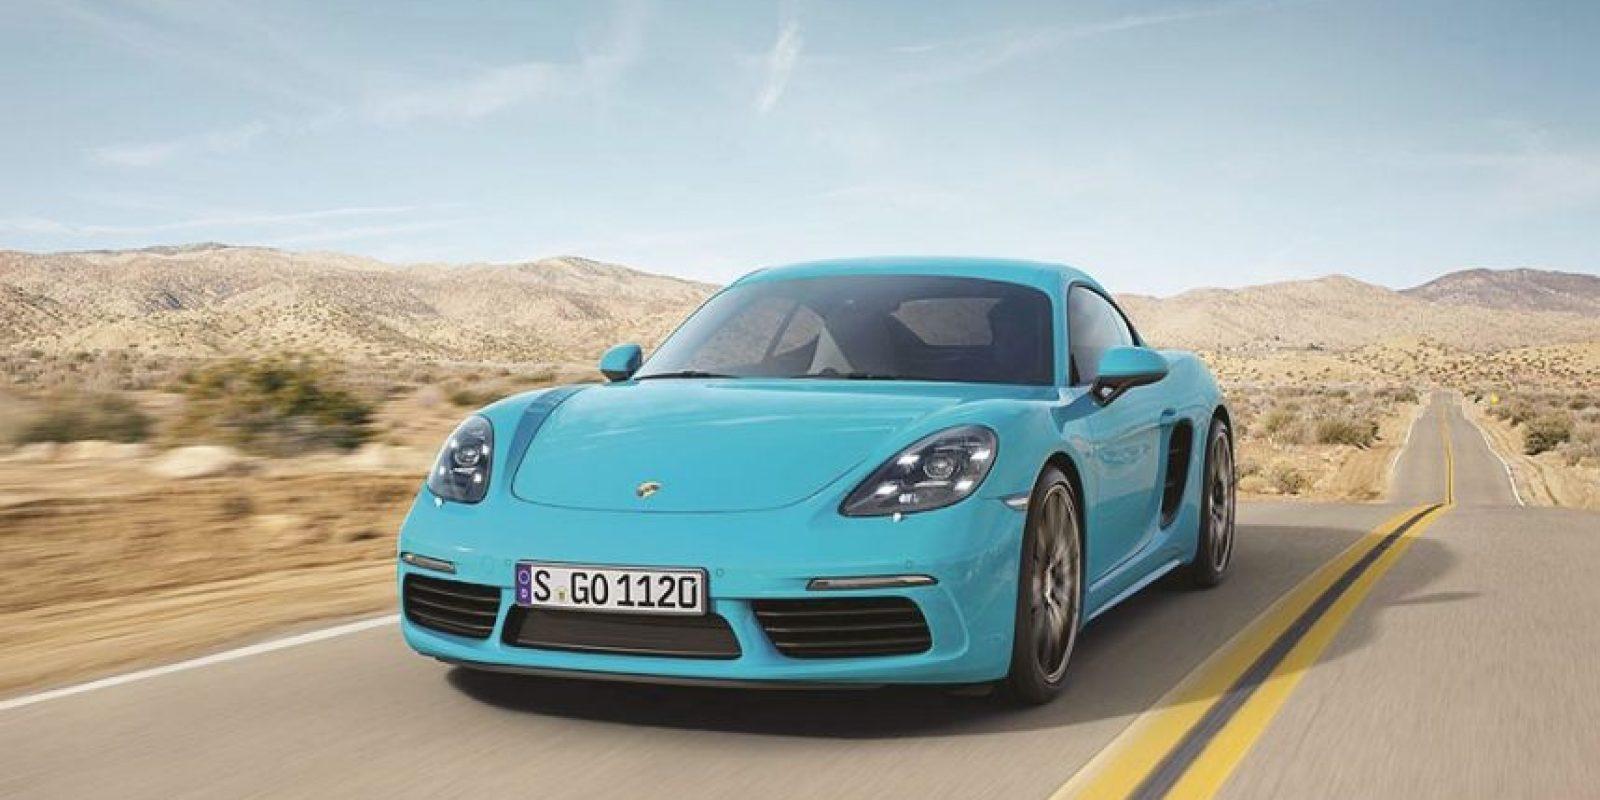 3- Porsche. 718 Cayman. La cuarta generación del coupé deportivo con motor central tiene una apariencia más imponente, atlética y eficiente. El modelo S, con sus 2.5 litros, llega hasta los 350 caballos de fuerza. Foto:Fuente externa